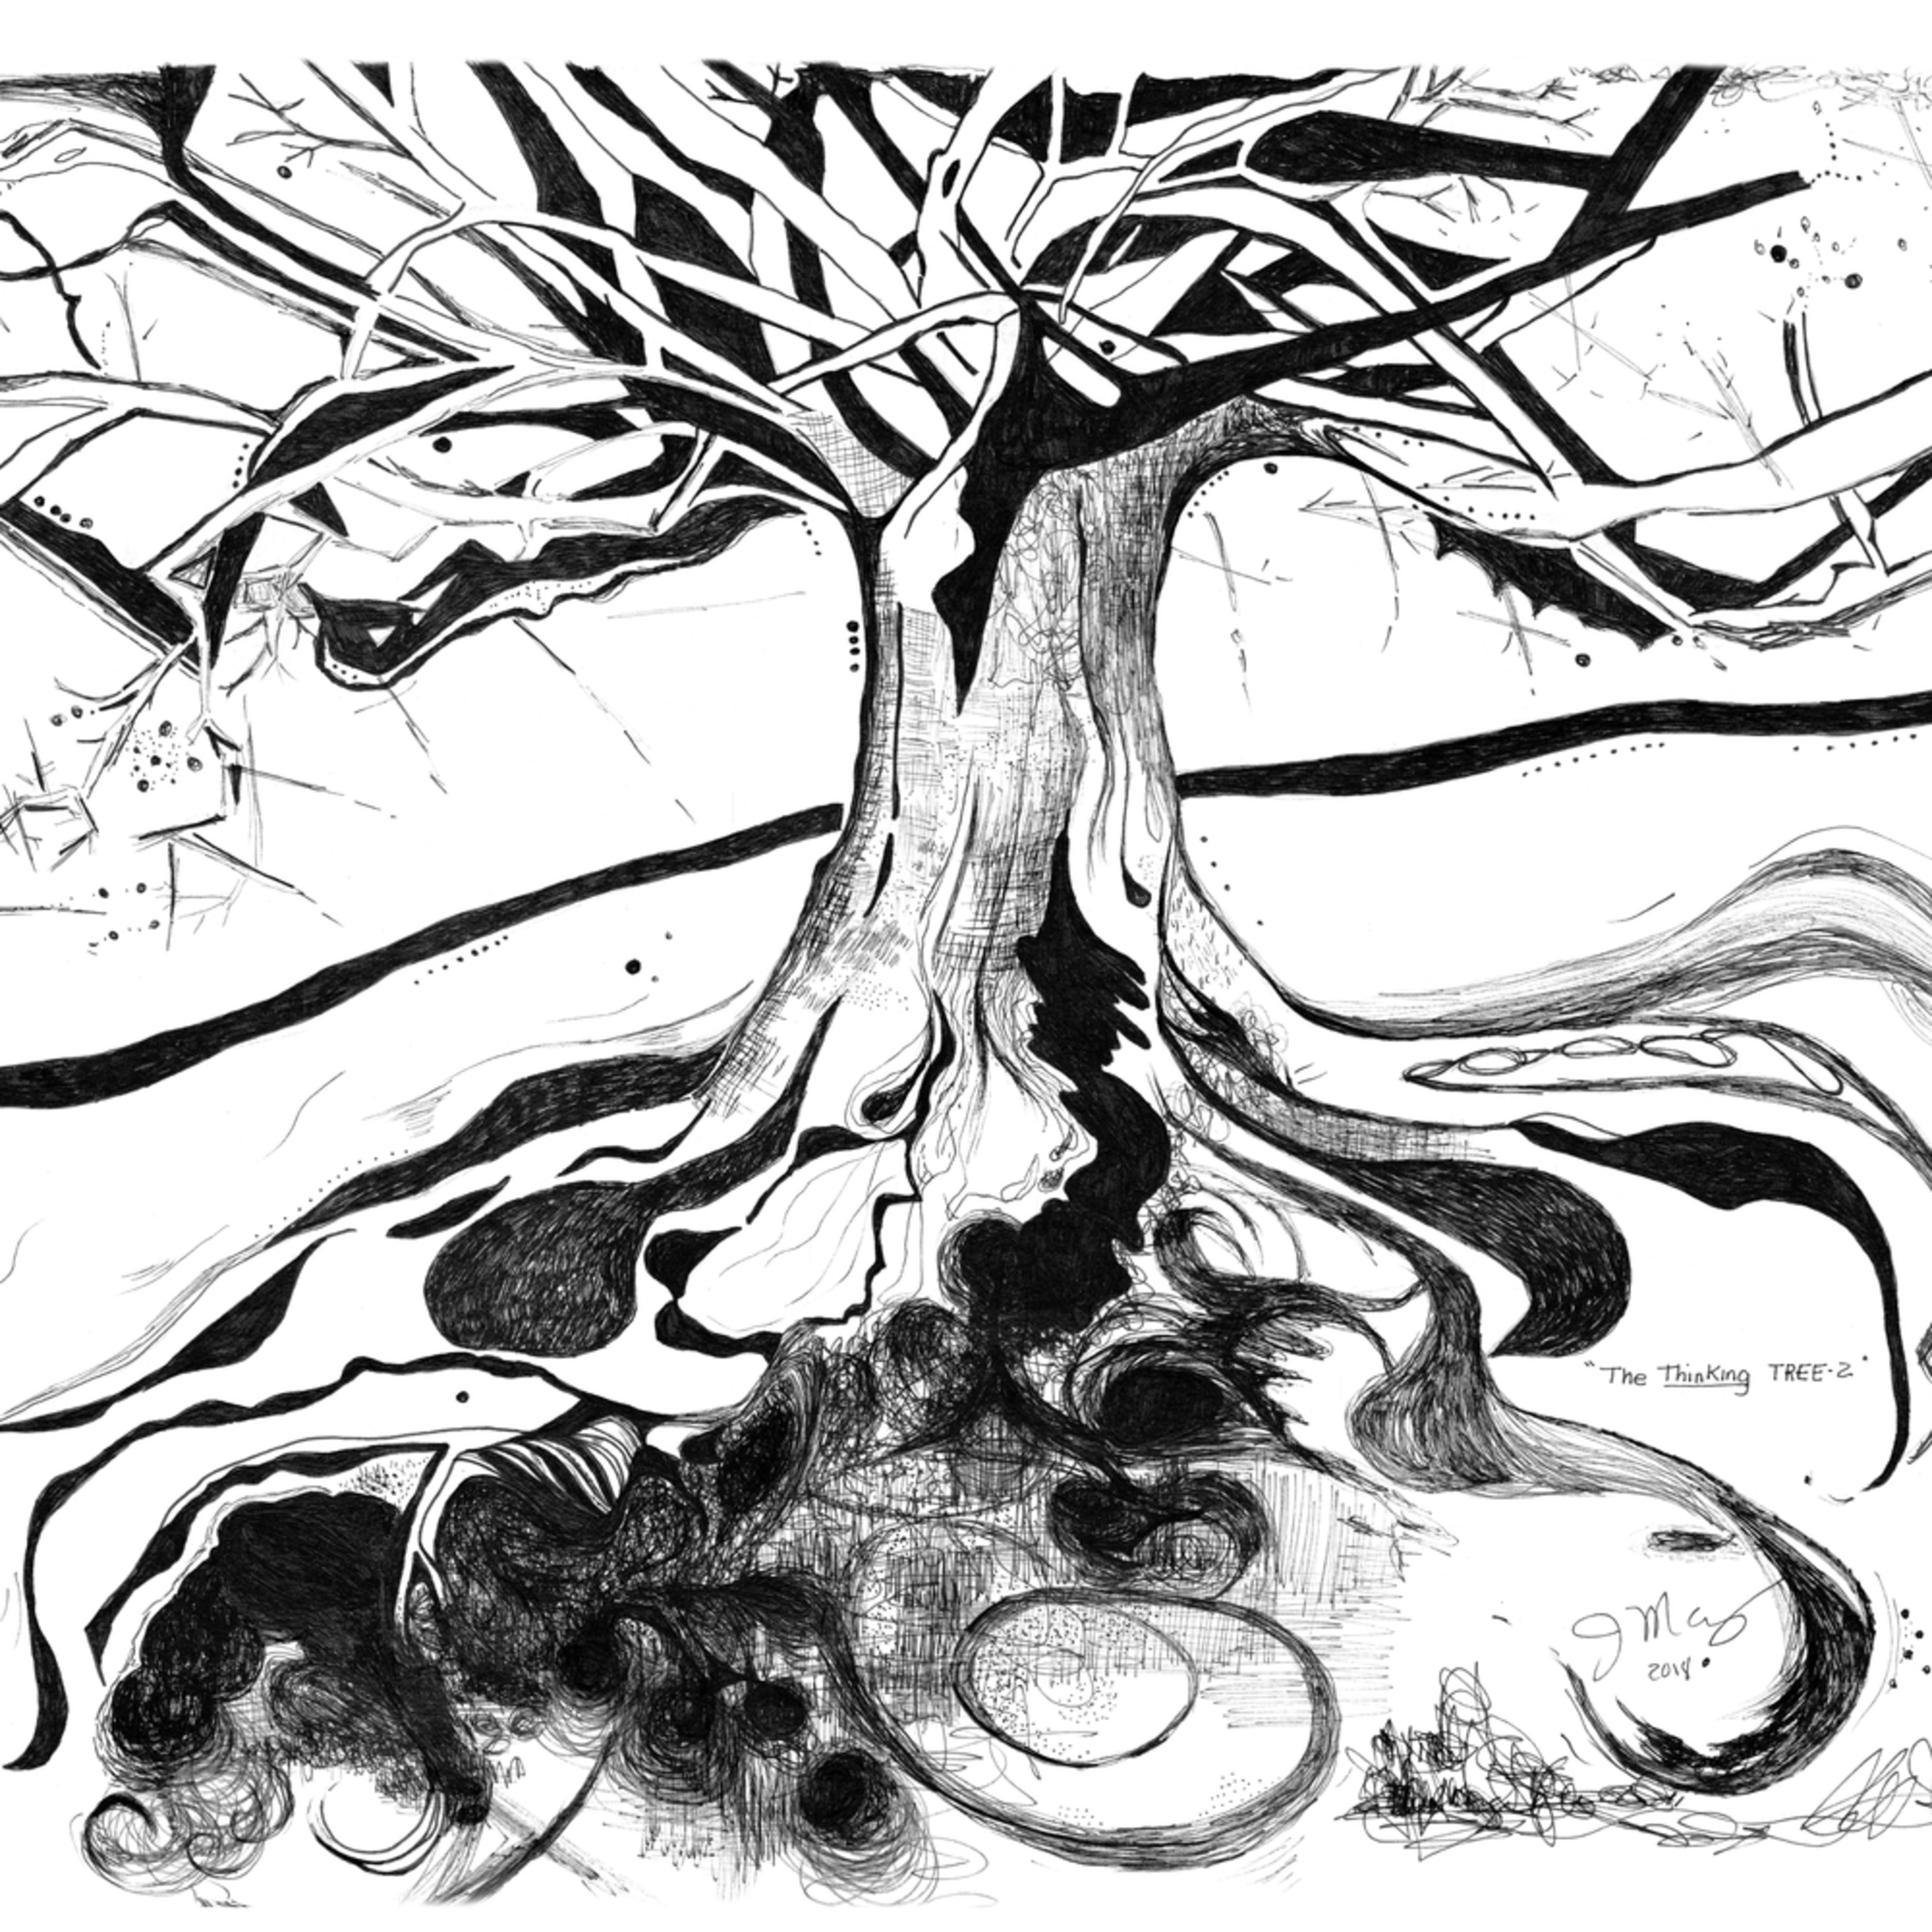 The thinking tree jqvyji